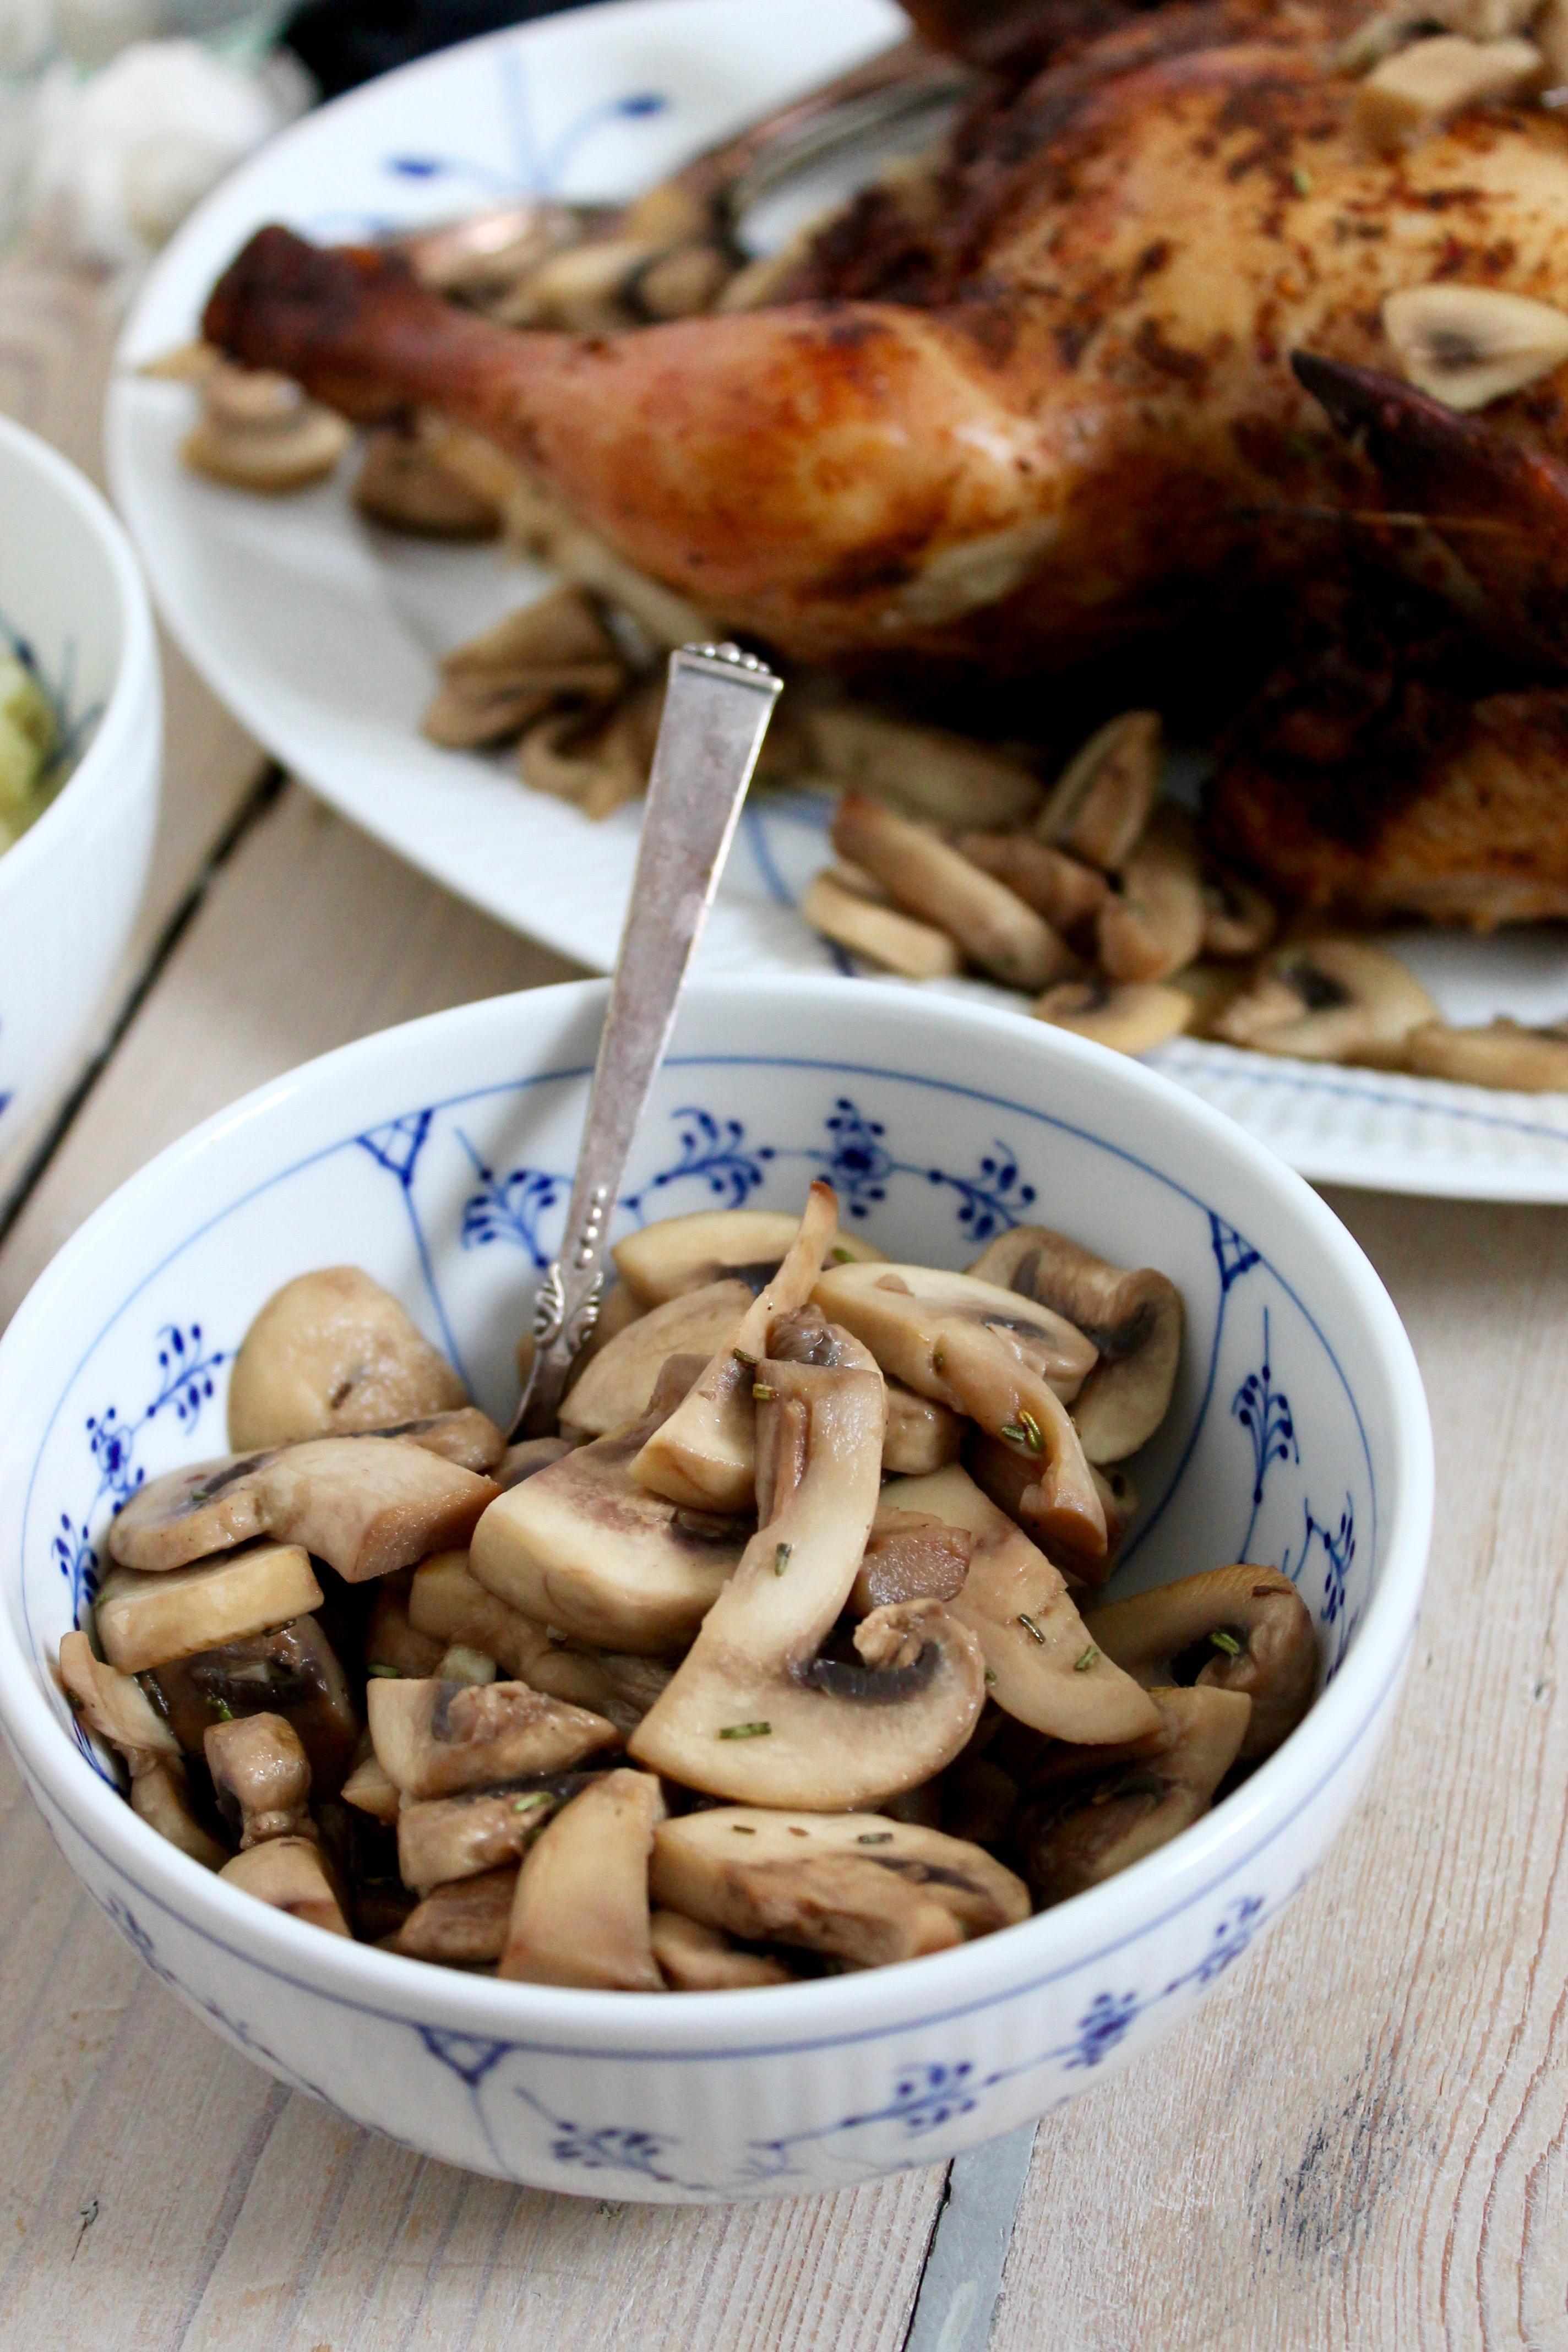 Hel kylling i ovn med stegte svampe og broccoli-selleri mos